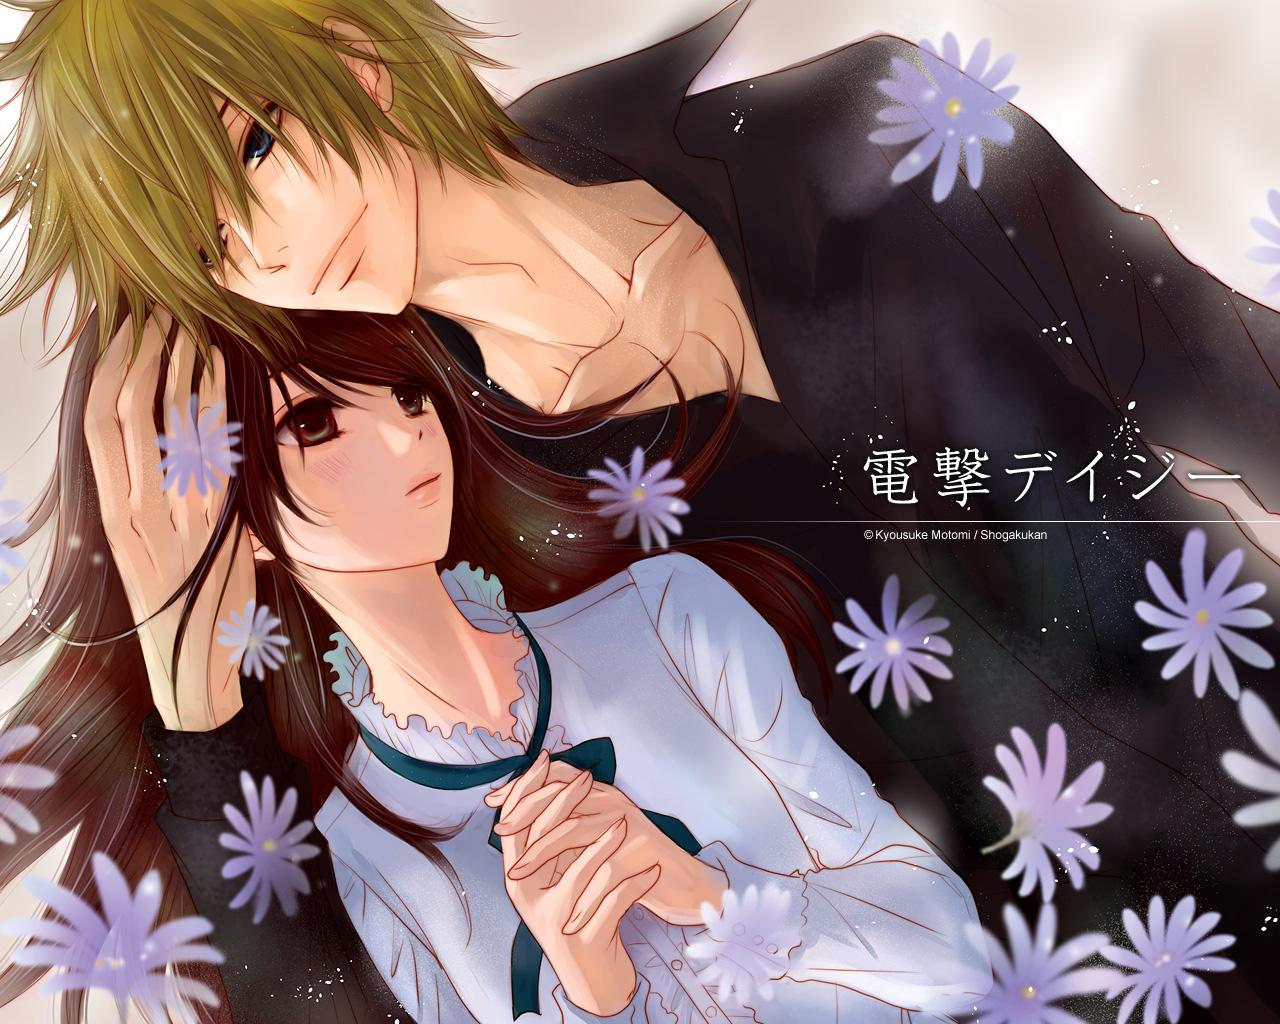 https://i0.wp.com/www.heartofmanga.com/wp-content/uploads/2013/03/Betsucomi_DengekiDaisy_1280.jpg